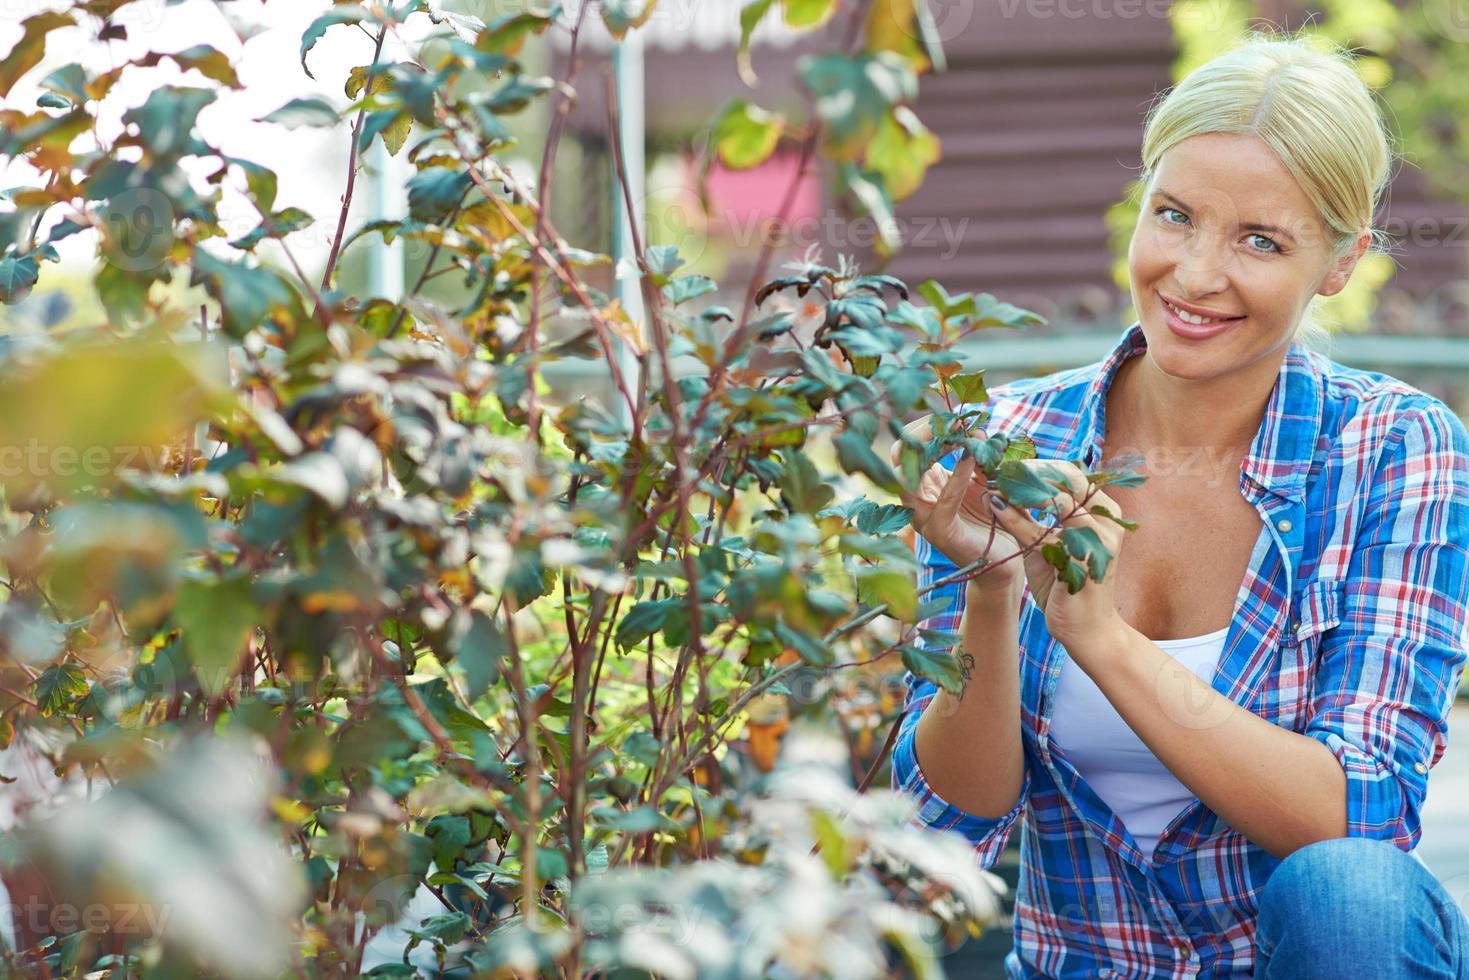 jardineiro feminino foto